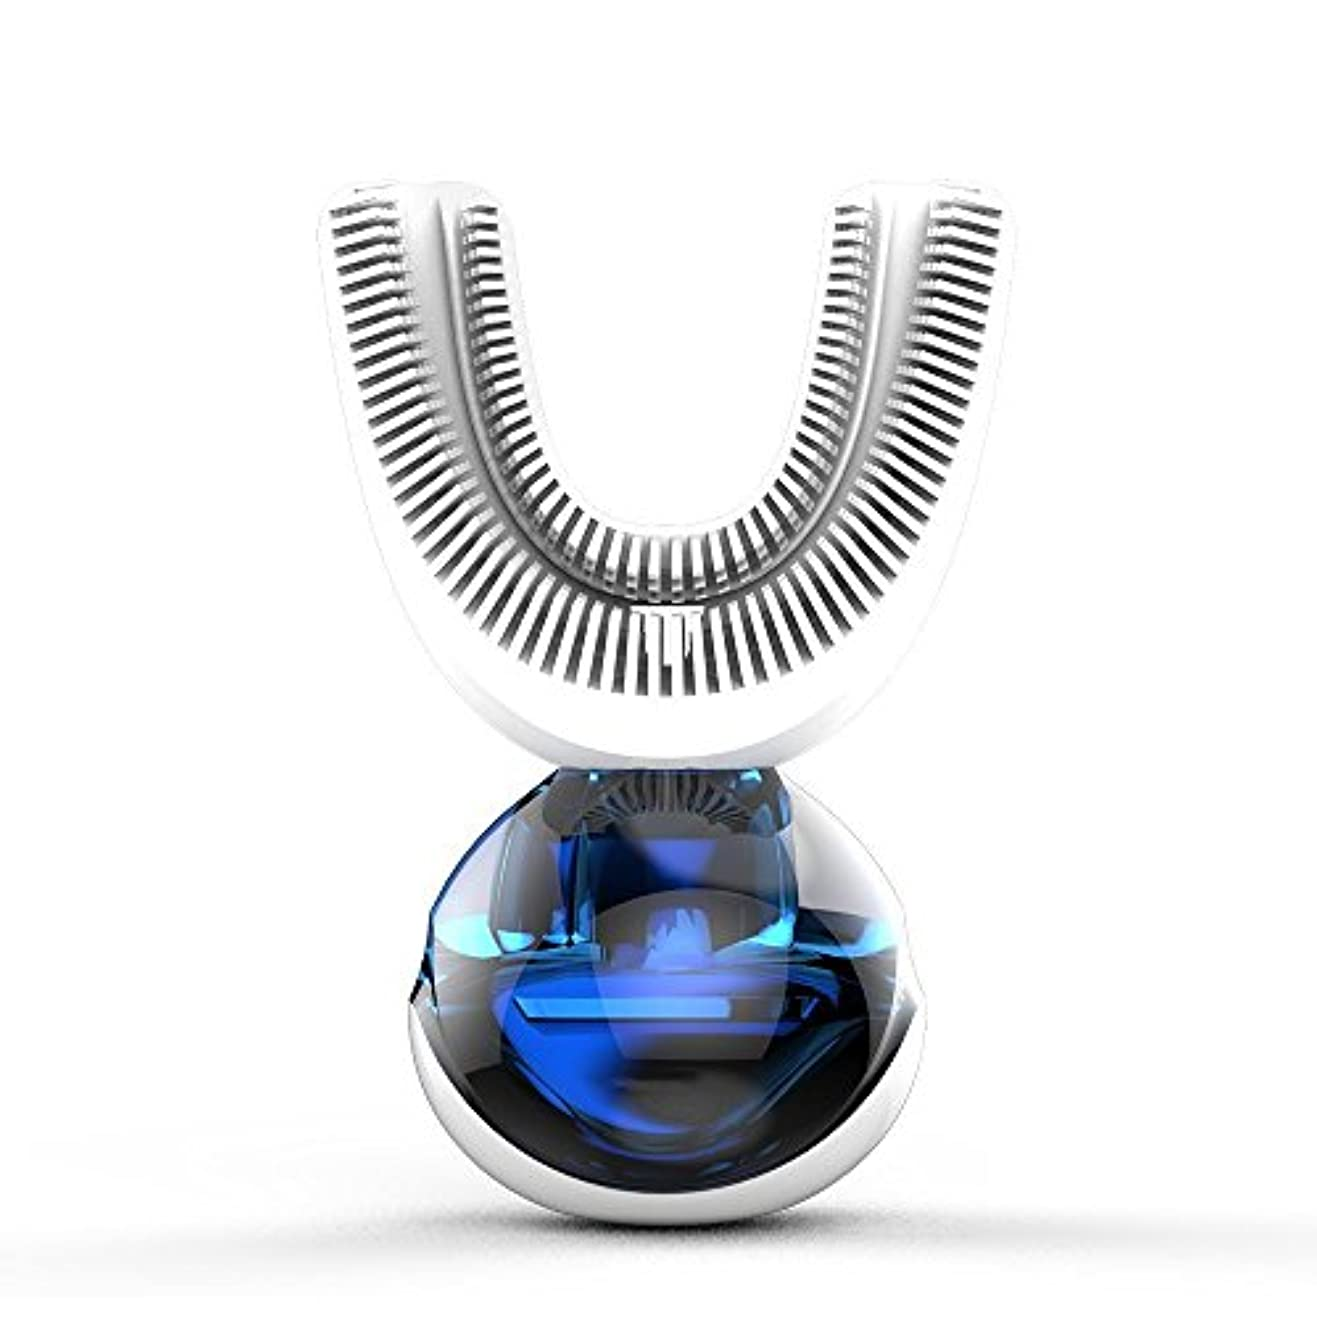 何十人もブリリアントスポークスマンフルオートマチック可変周波数電動歯ブラシ、自動360度U字型電動歯ブラシ、ワイヤレス充電IPX7防水自動歯ブラシ(大人用)